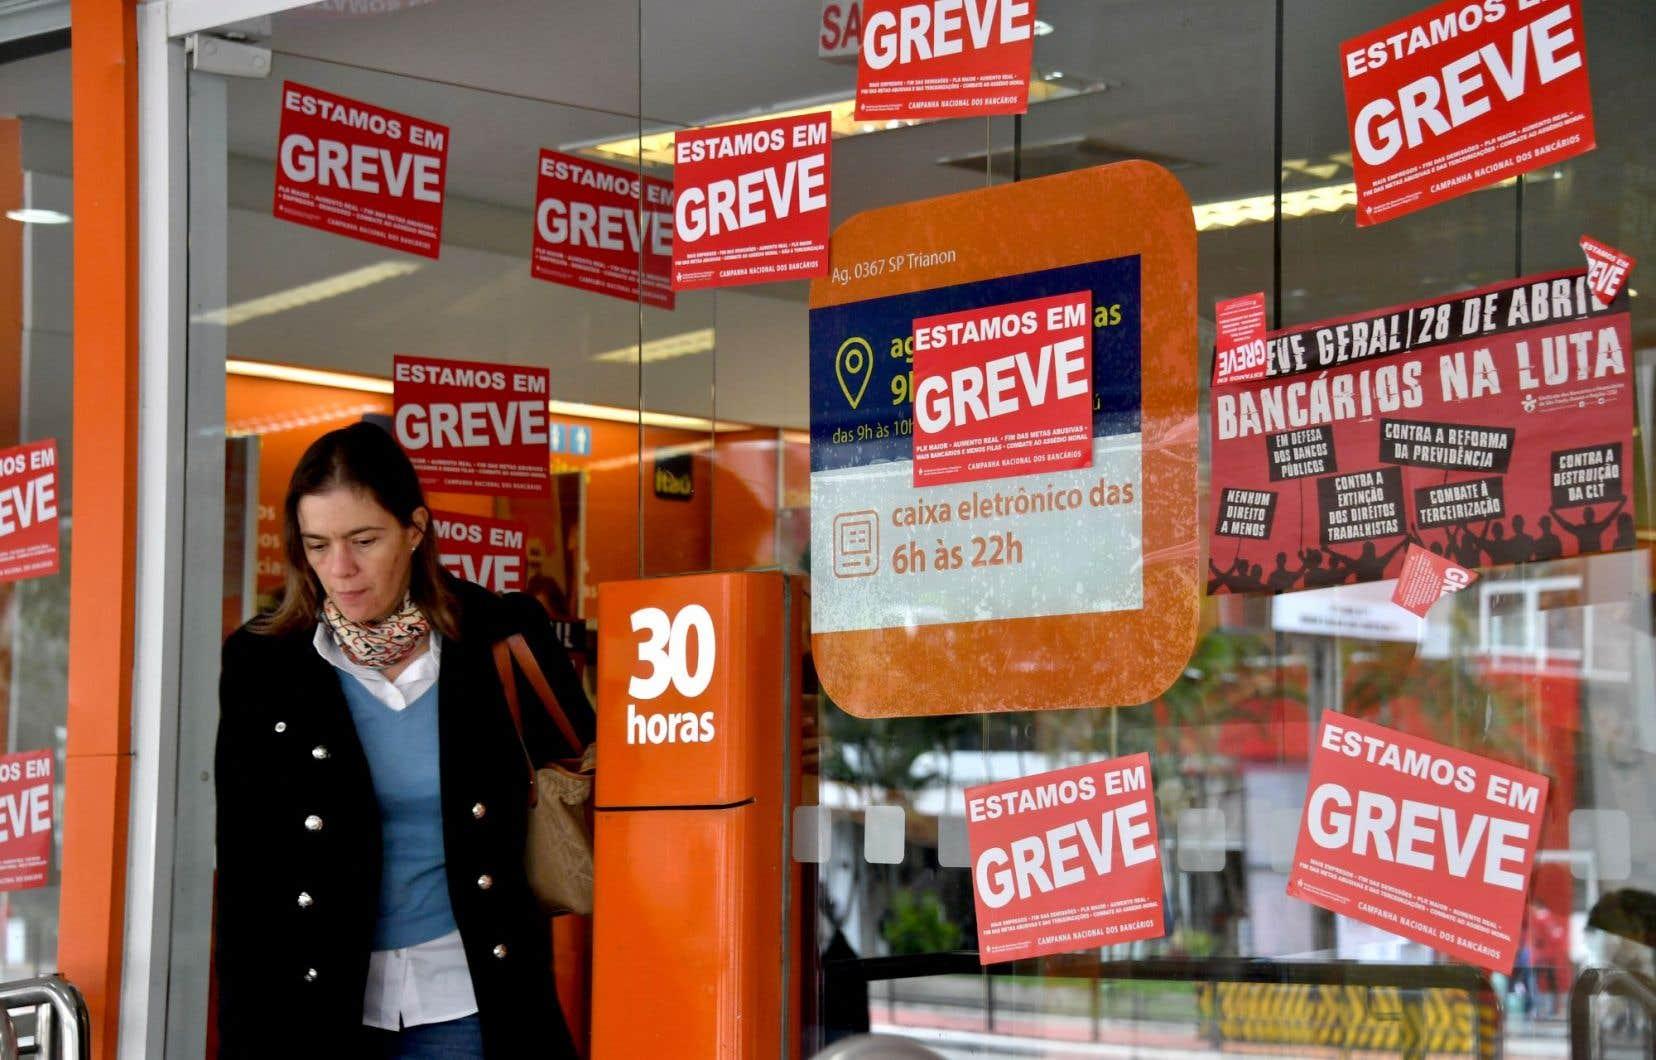 La grève de vendredi était portée par les grands syndicats et les mouvements de gauche qui s'opposent aux réformes du système de pension et des «lois travail» proposées par le gouvernement brésilien.